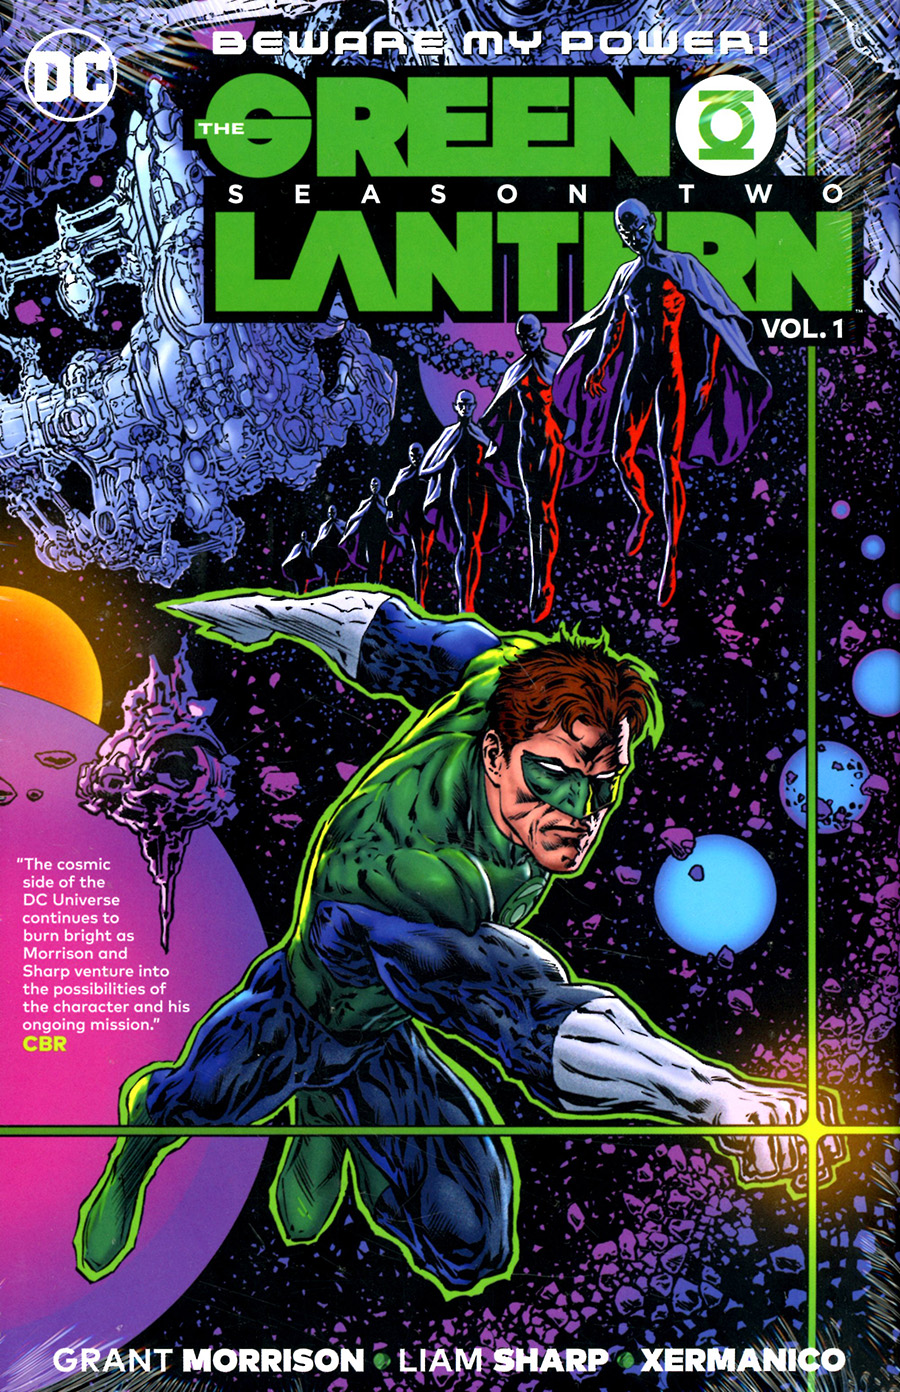 Green Lantern Season 2 Vol 1 HC